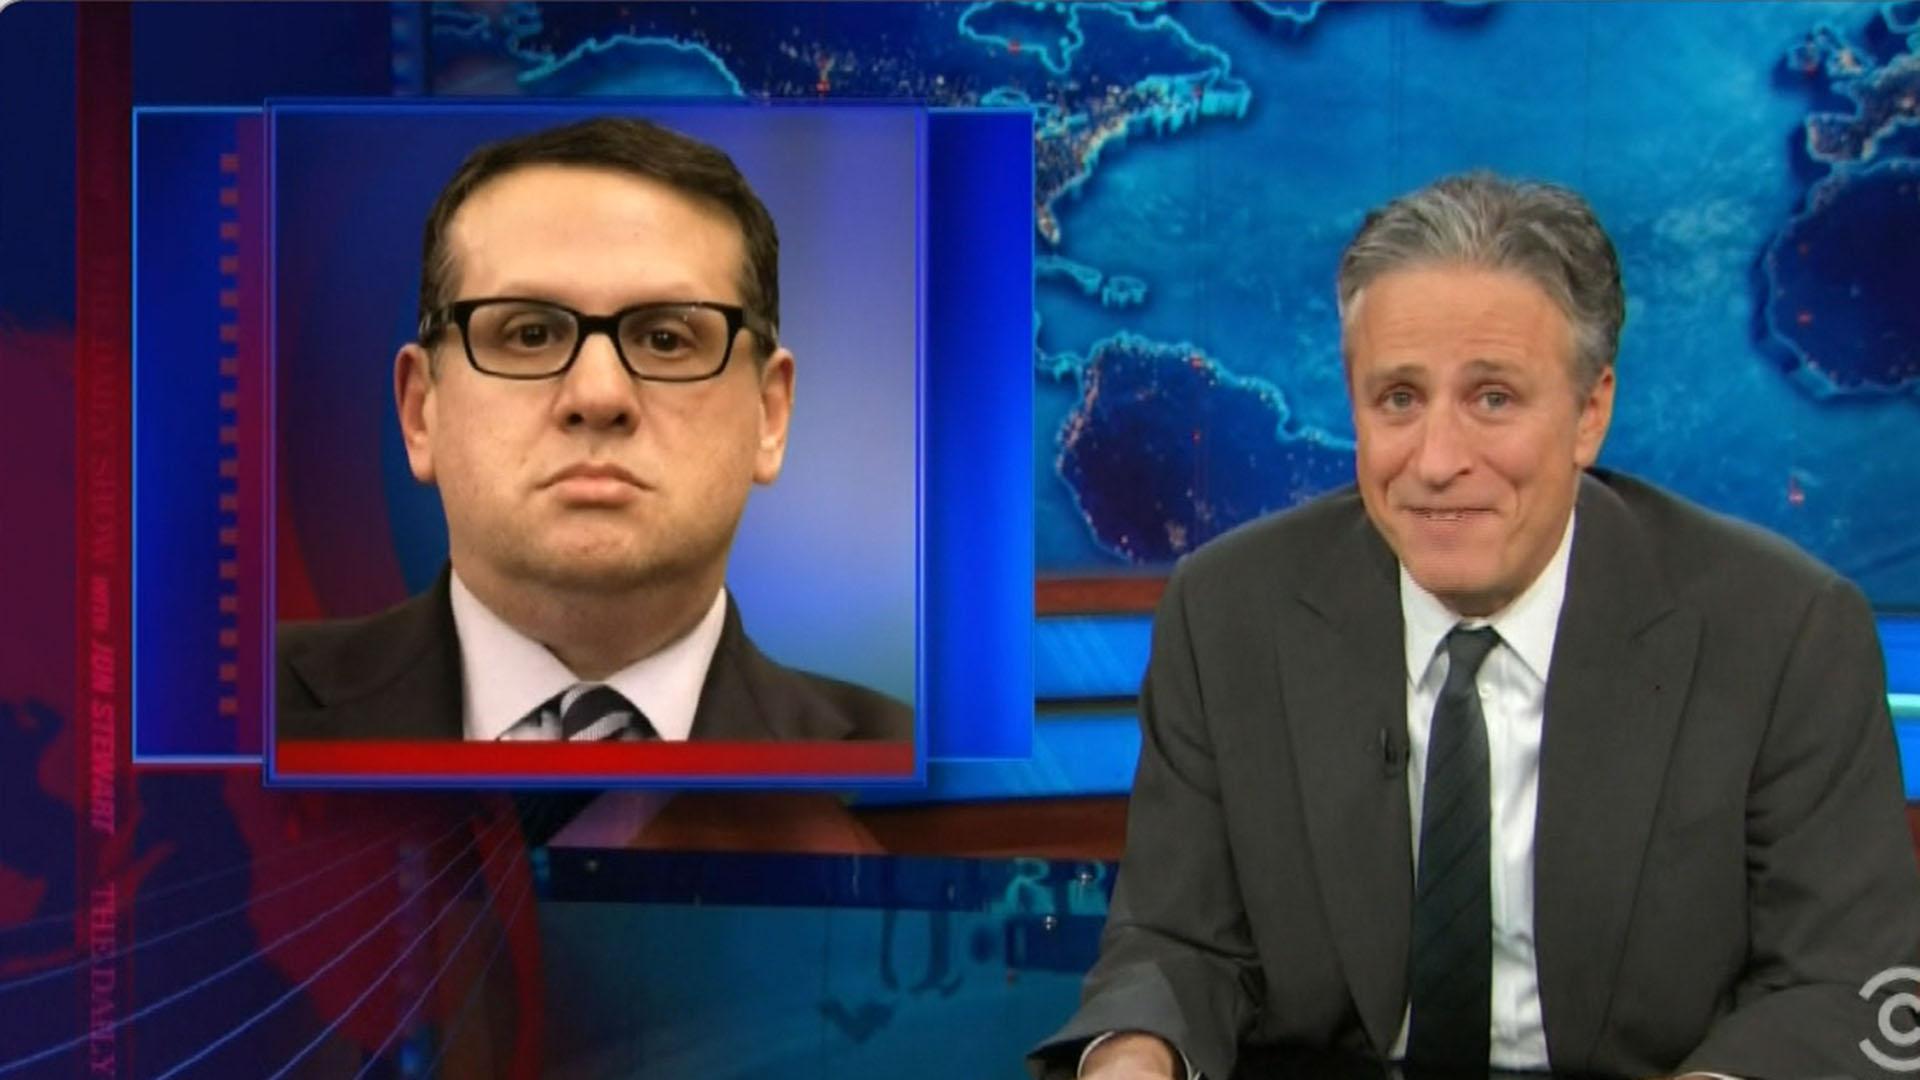 Daily Show mocks Christie's high school drama